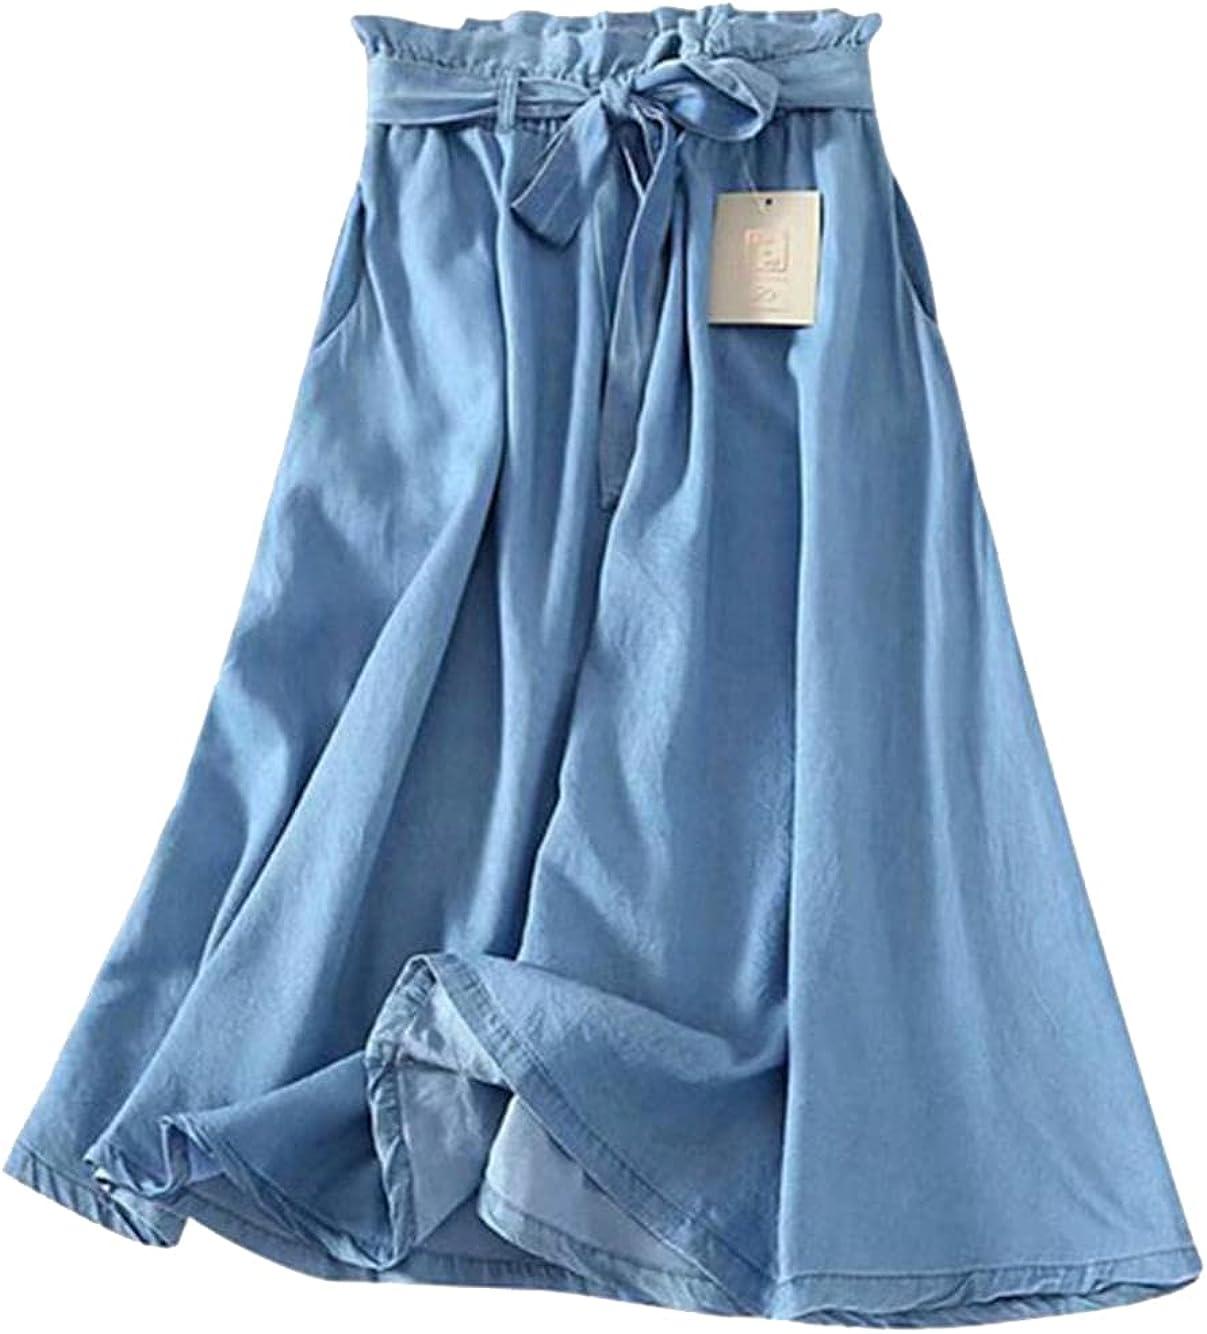 CHIC&TNK Summer Women Tencel Blue Skirt Casual Ruffle Waist Waistband Bowknot Thin Jeans Skirts Denim A-Line Long Saias S-XL